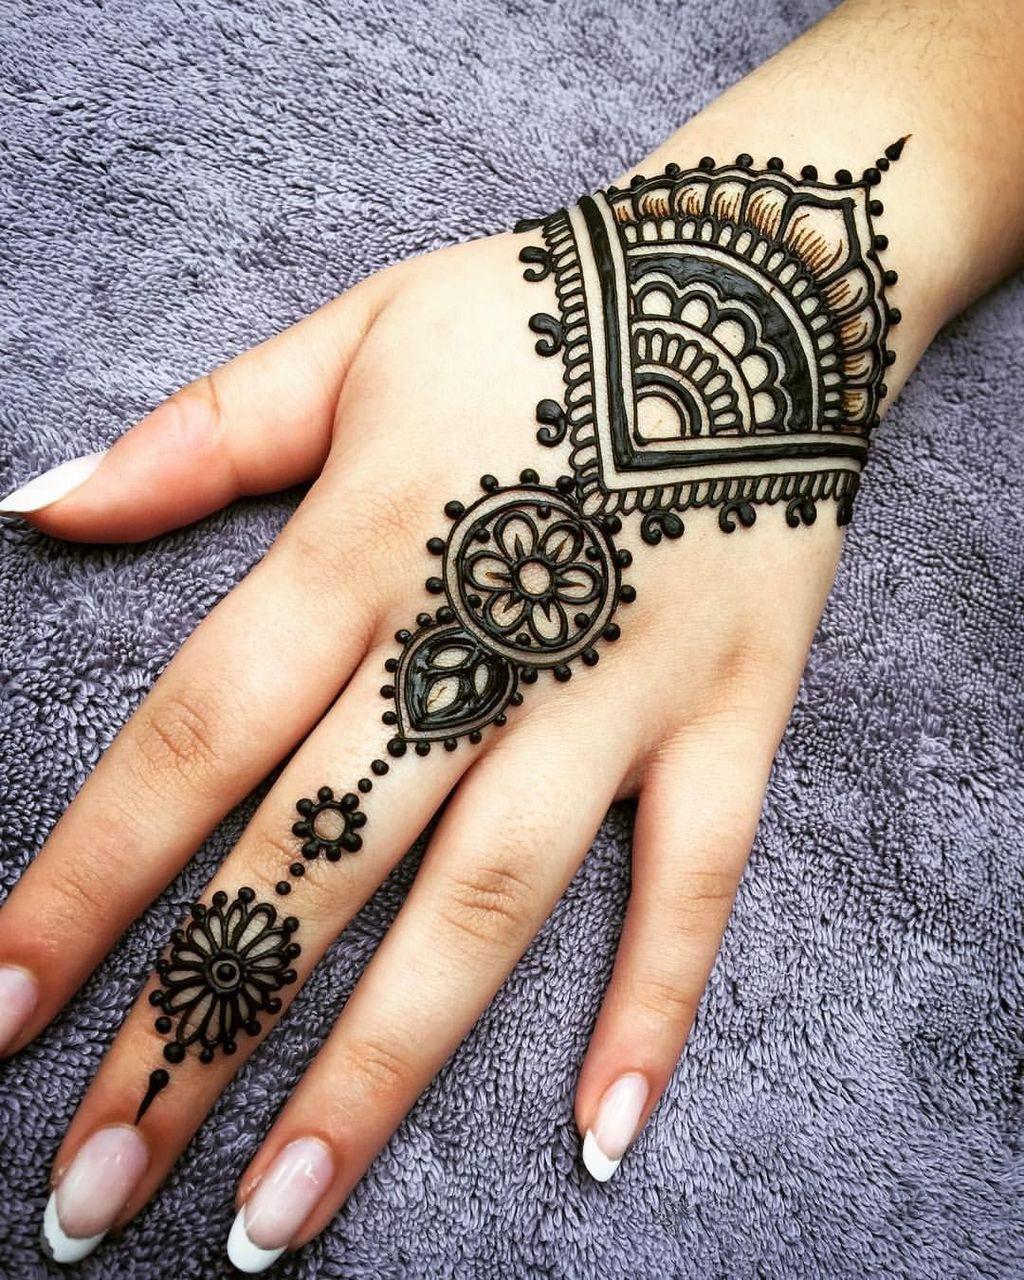 36 Beautiful Henna Tattoo Design Ideas Henna Designs Henna Tattoo Hand Henna Tattoo Designs